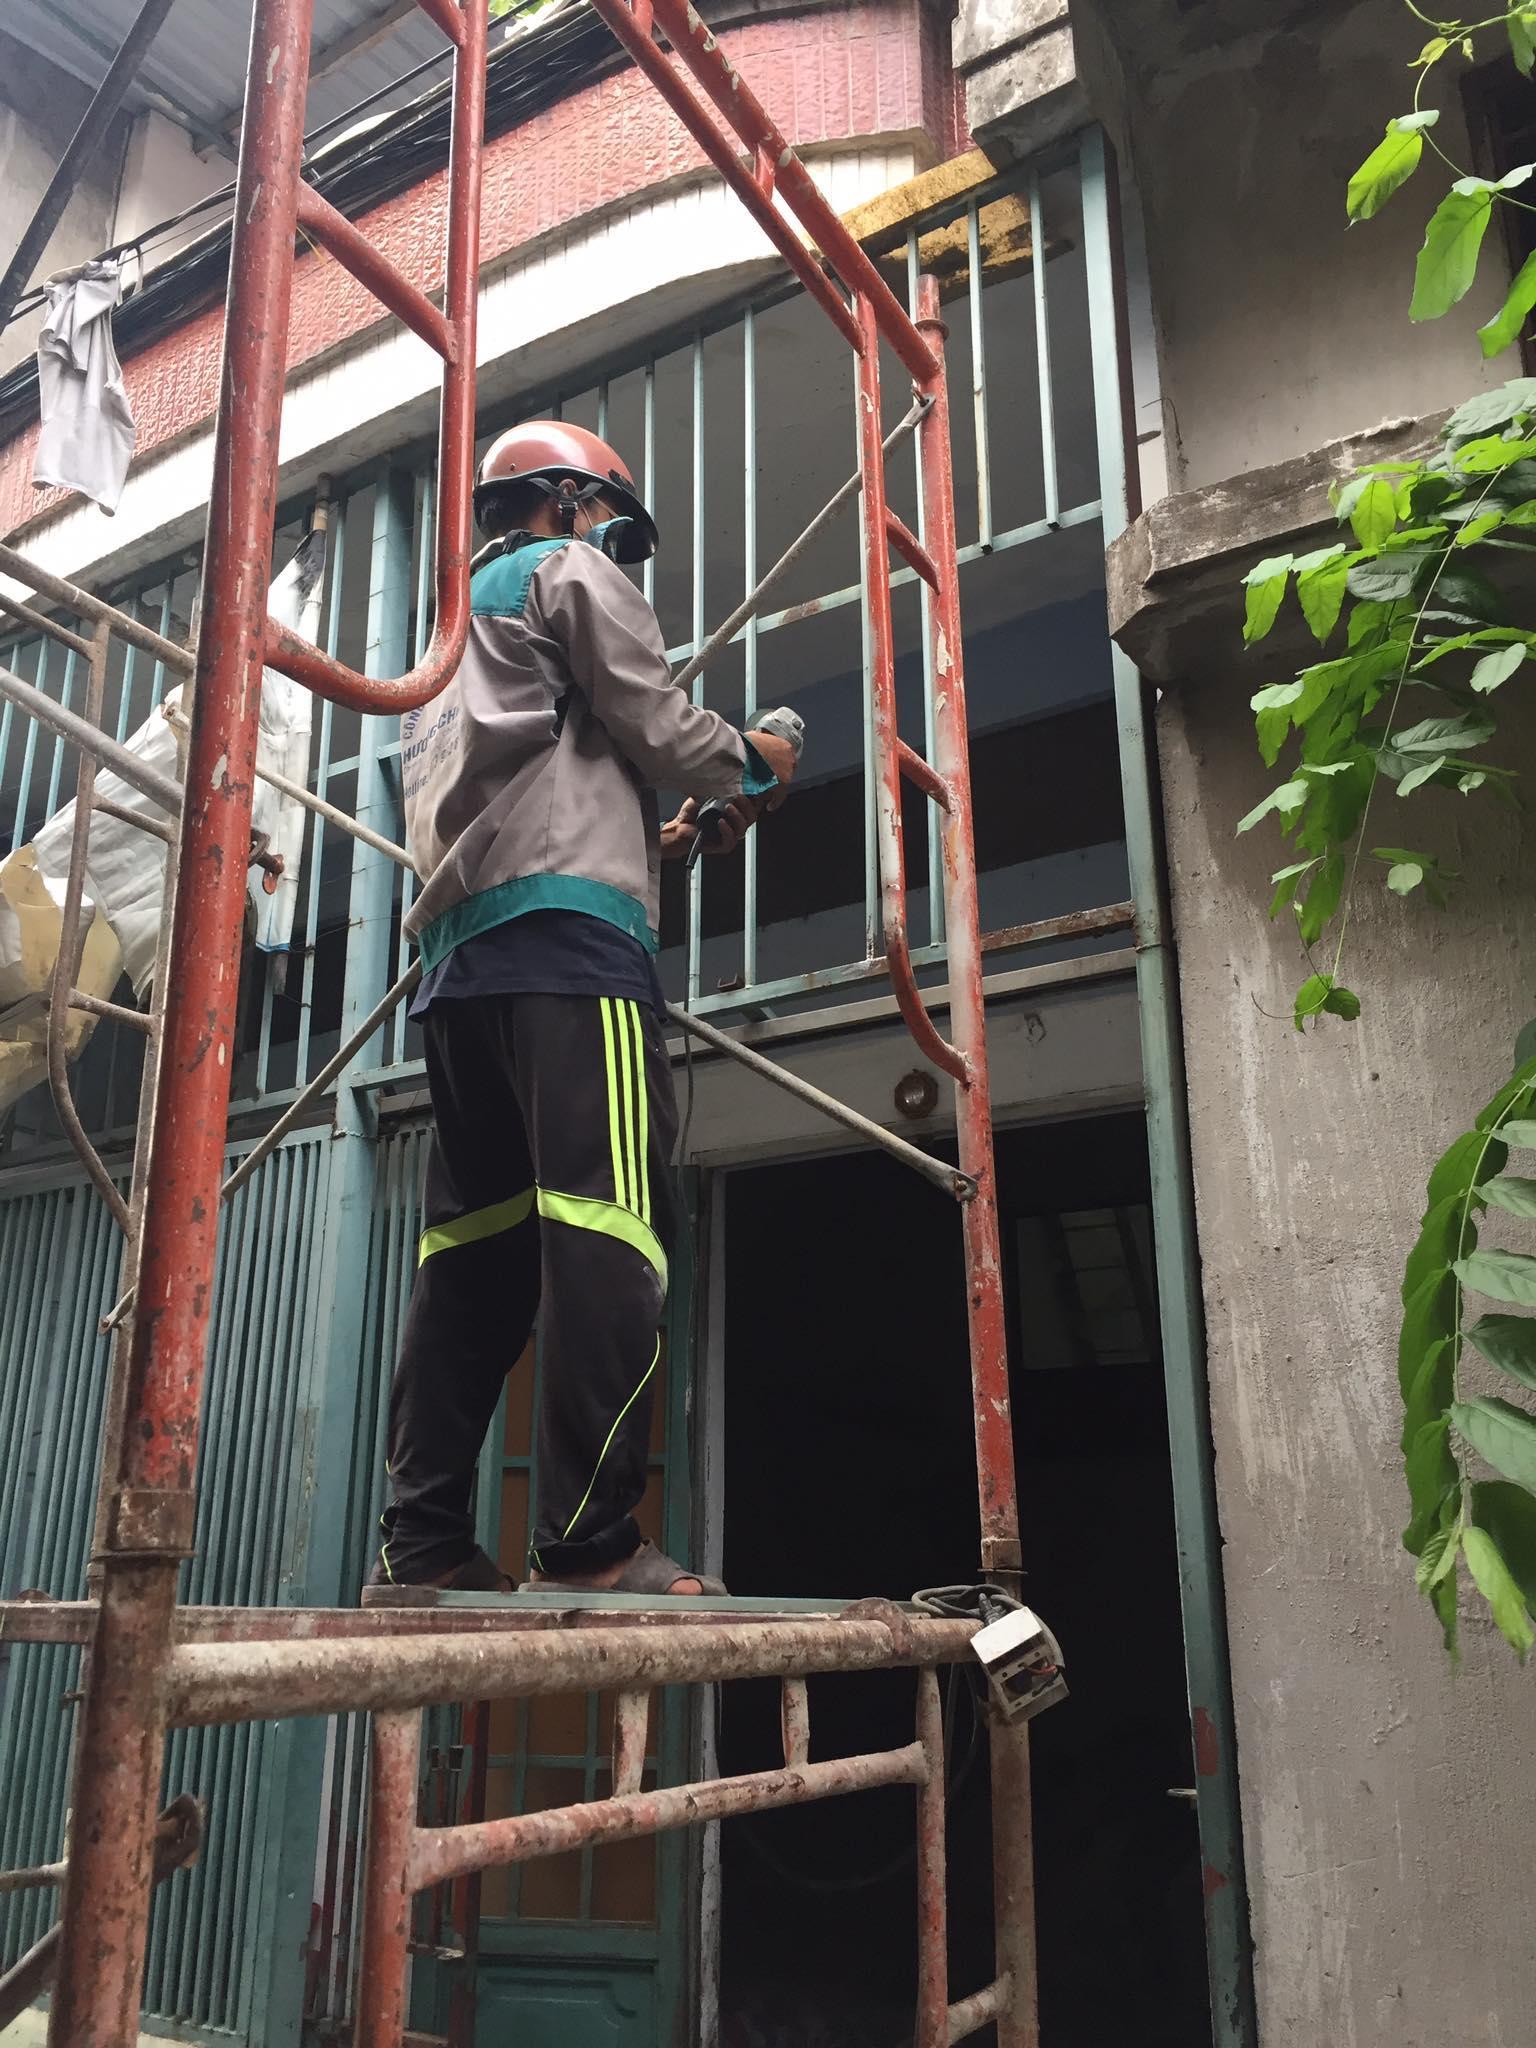 Dịch vụ sửa chữa nhà tại quận 12. Chuyên nghiệp